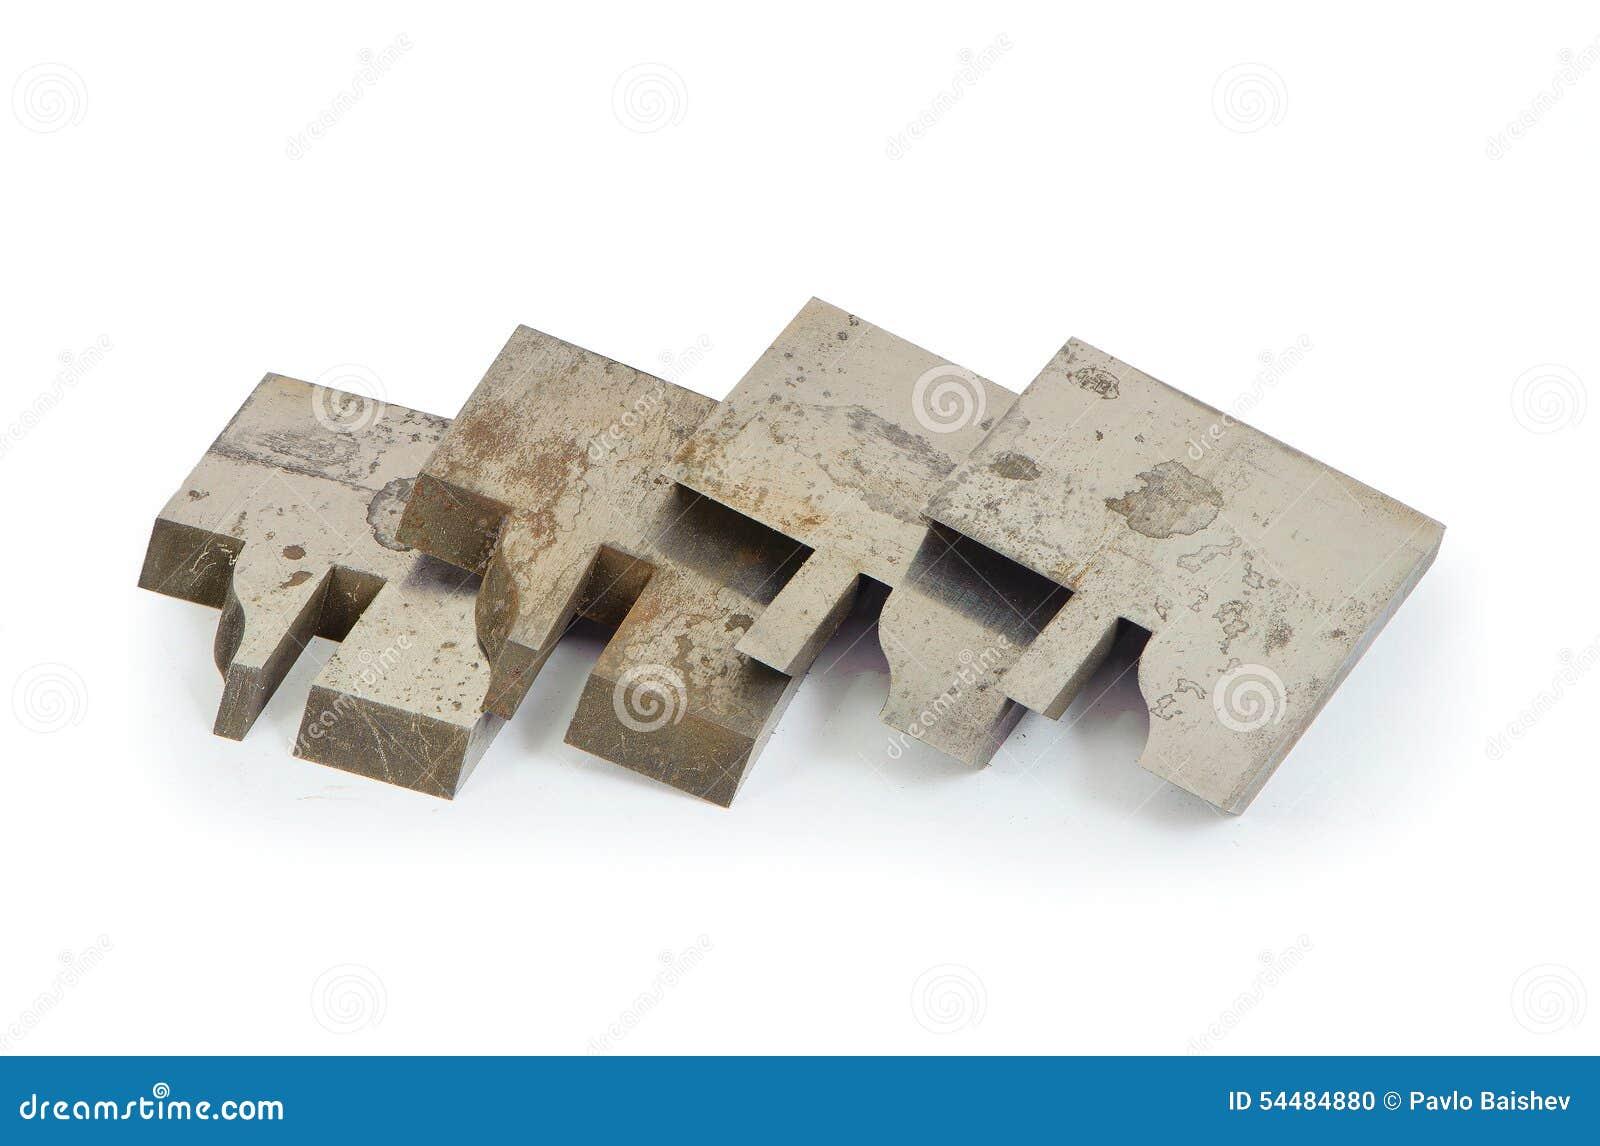 Минирование резца вырезывания бурового наконечника инструментов карбида оборудует волочильную матрицу